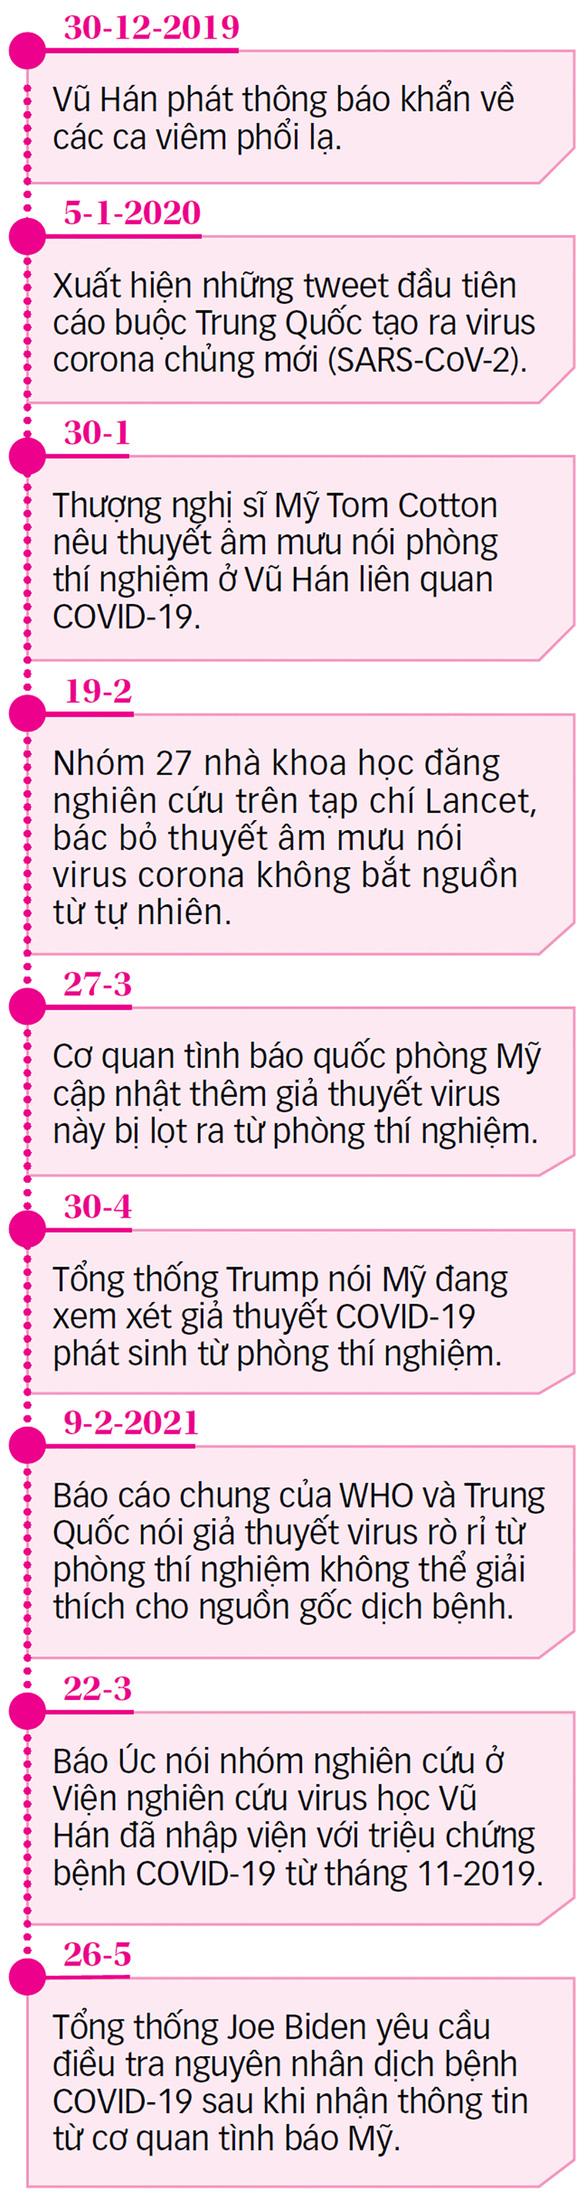 Tình báo Mỹ chia rẽ quan điểm về nguồn gốc virus corona - Ảnh 3.